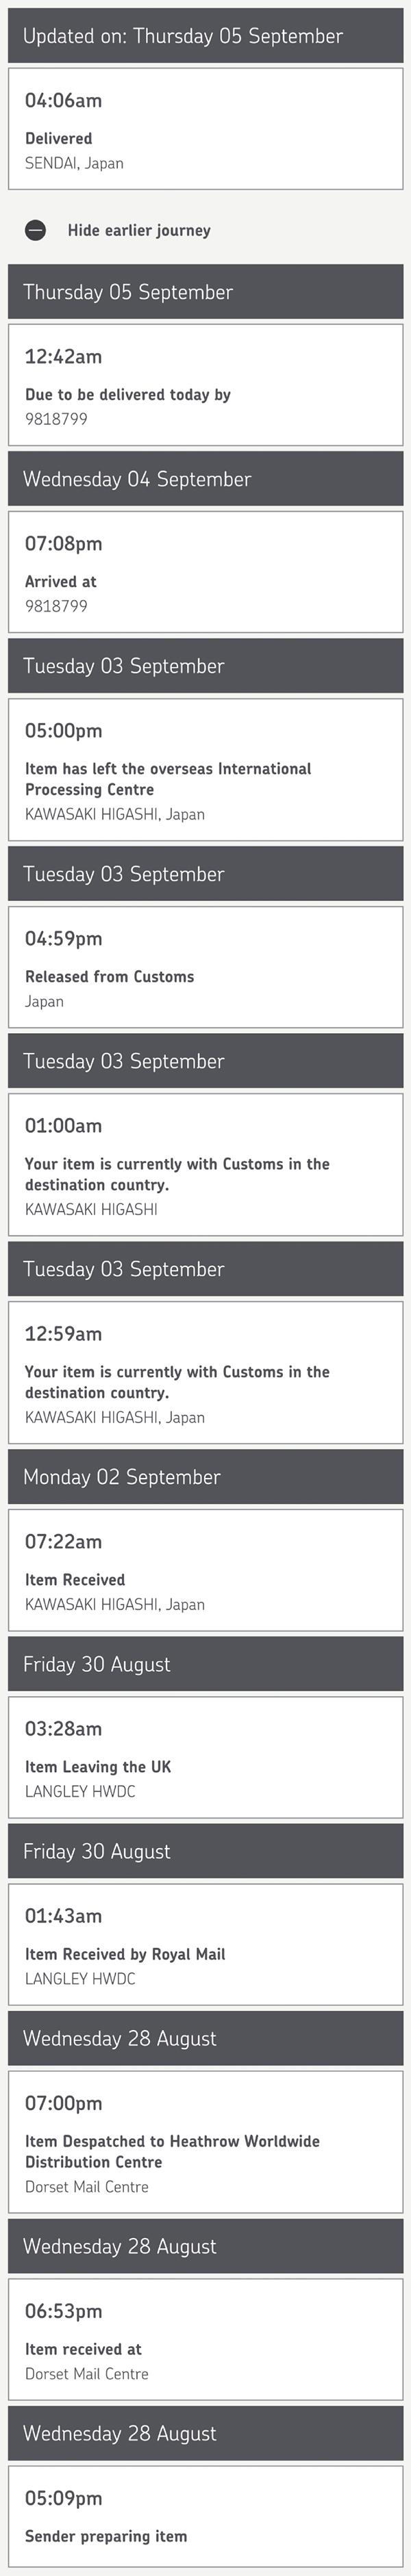 荷物の追跡情報